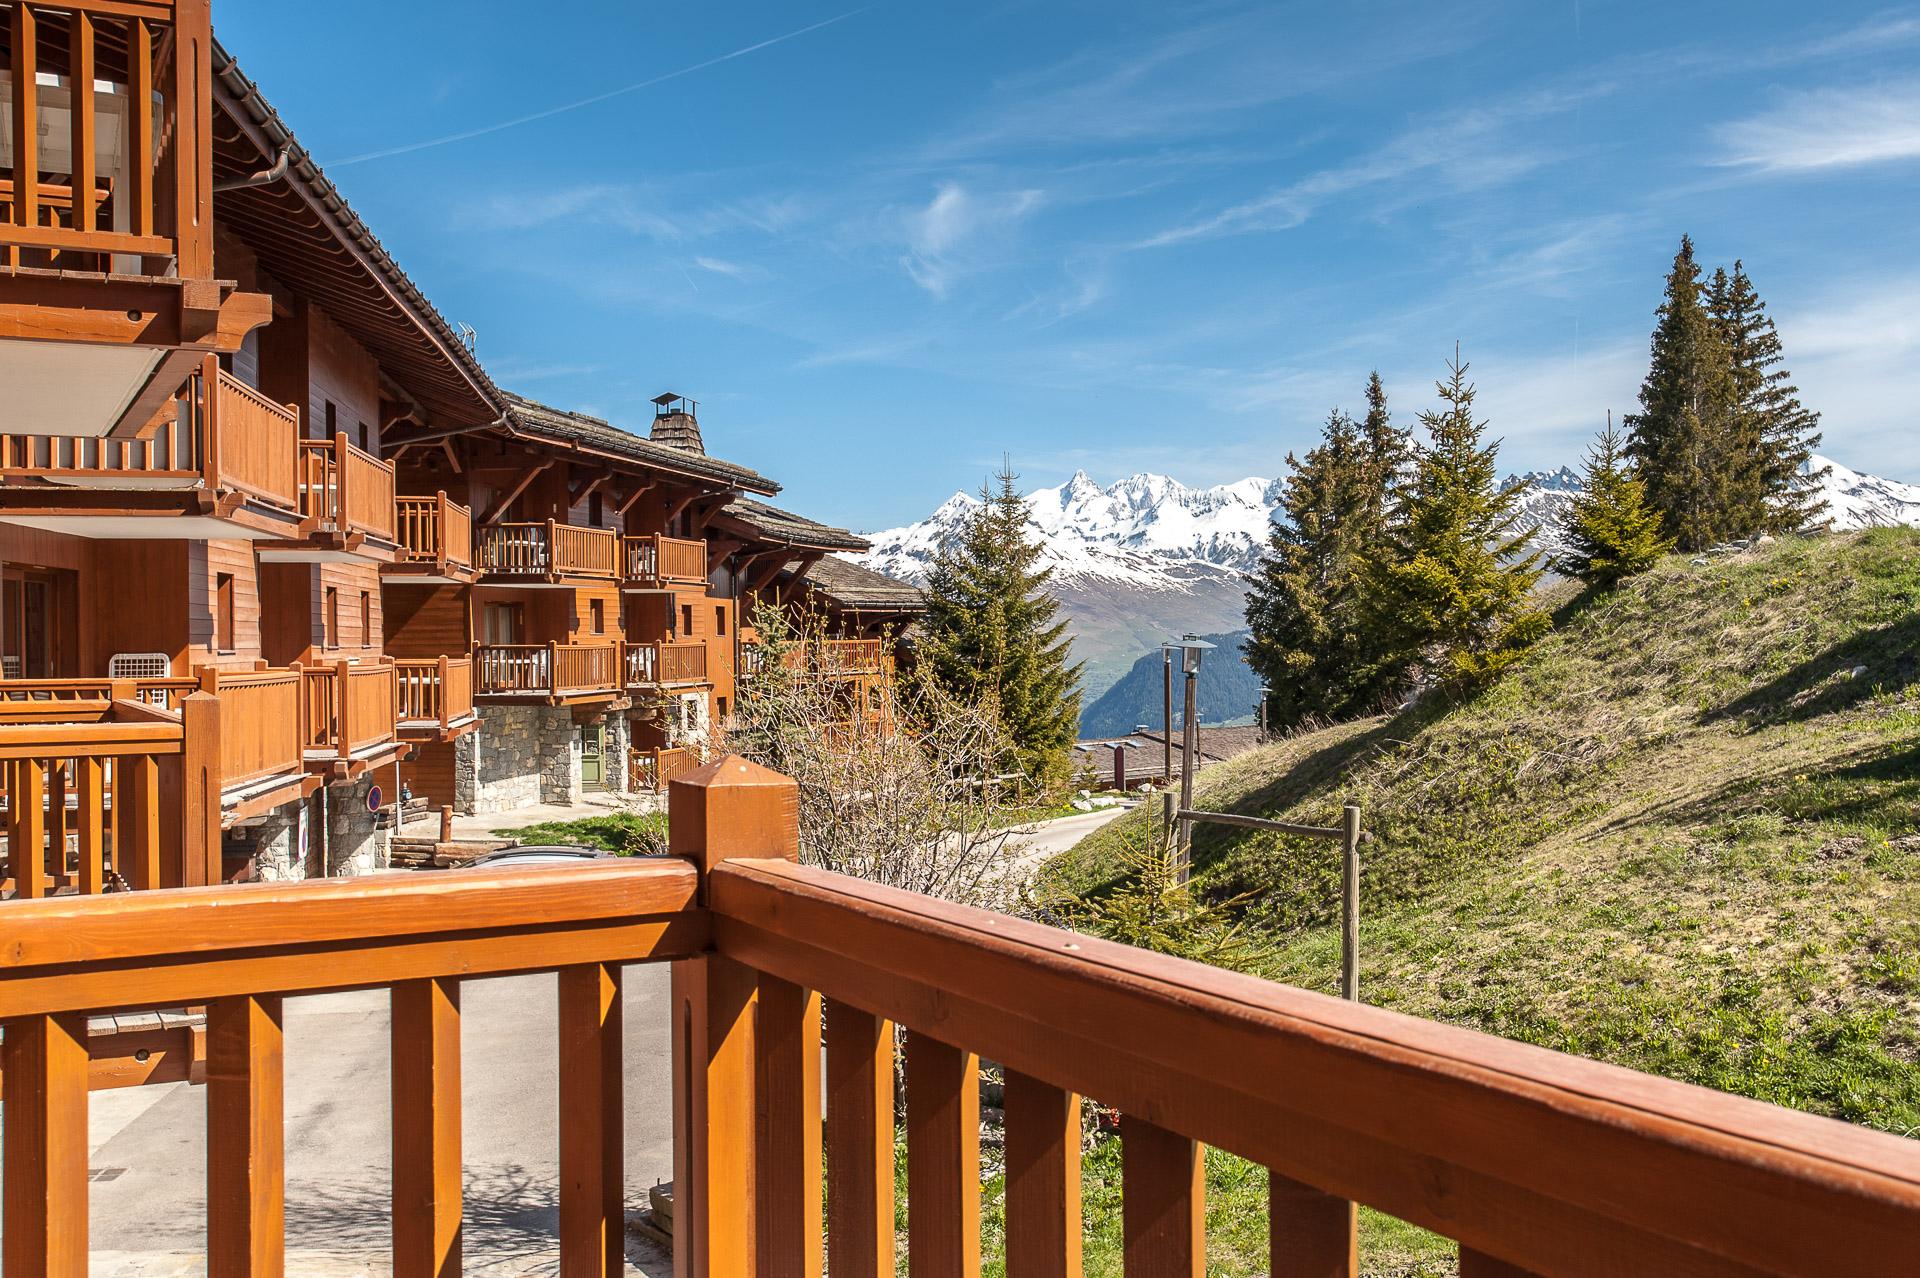 Vue Du Balcon En Résidence Hôtelière Station En Haute Savoie